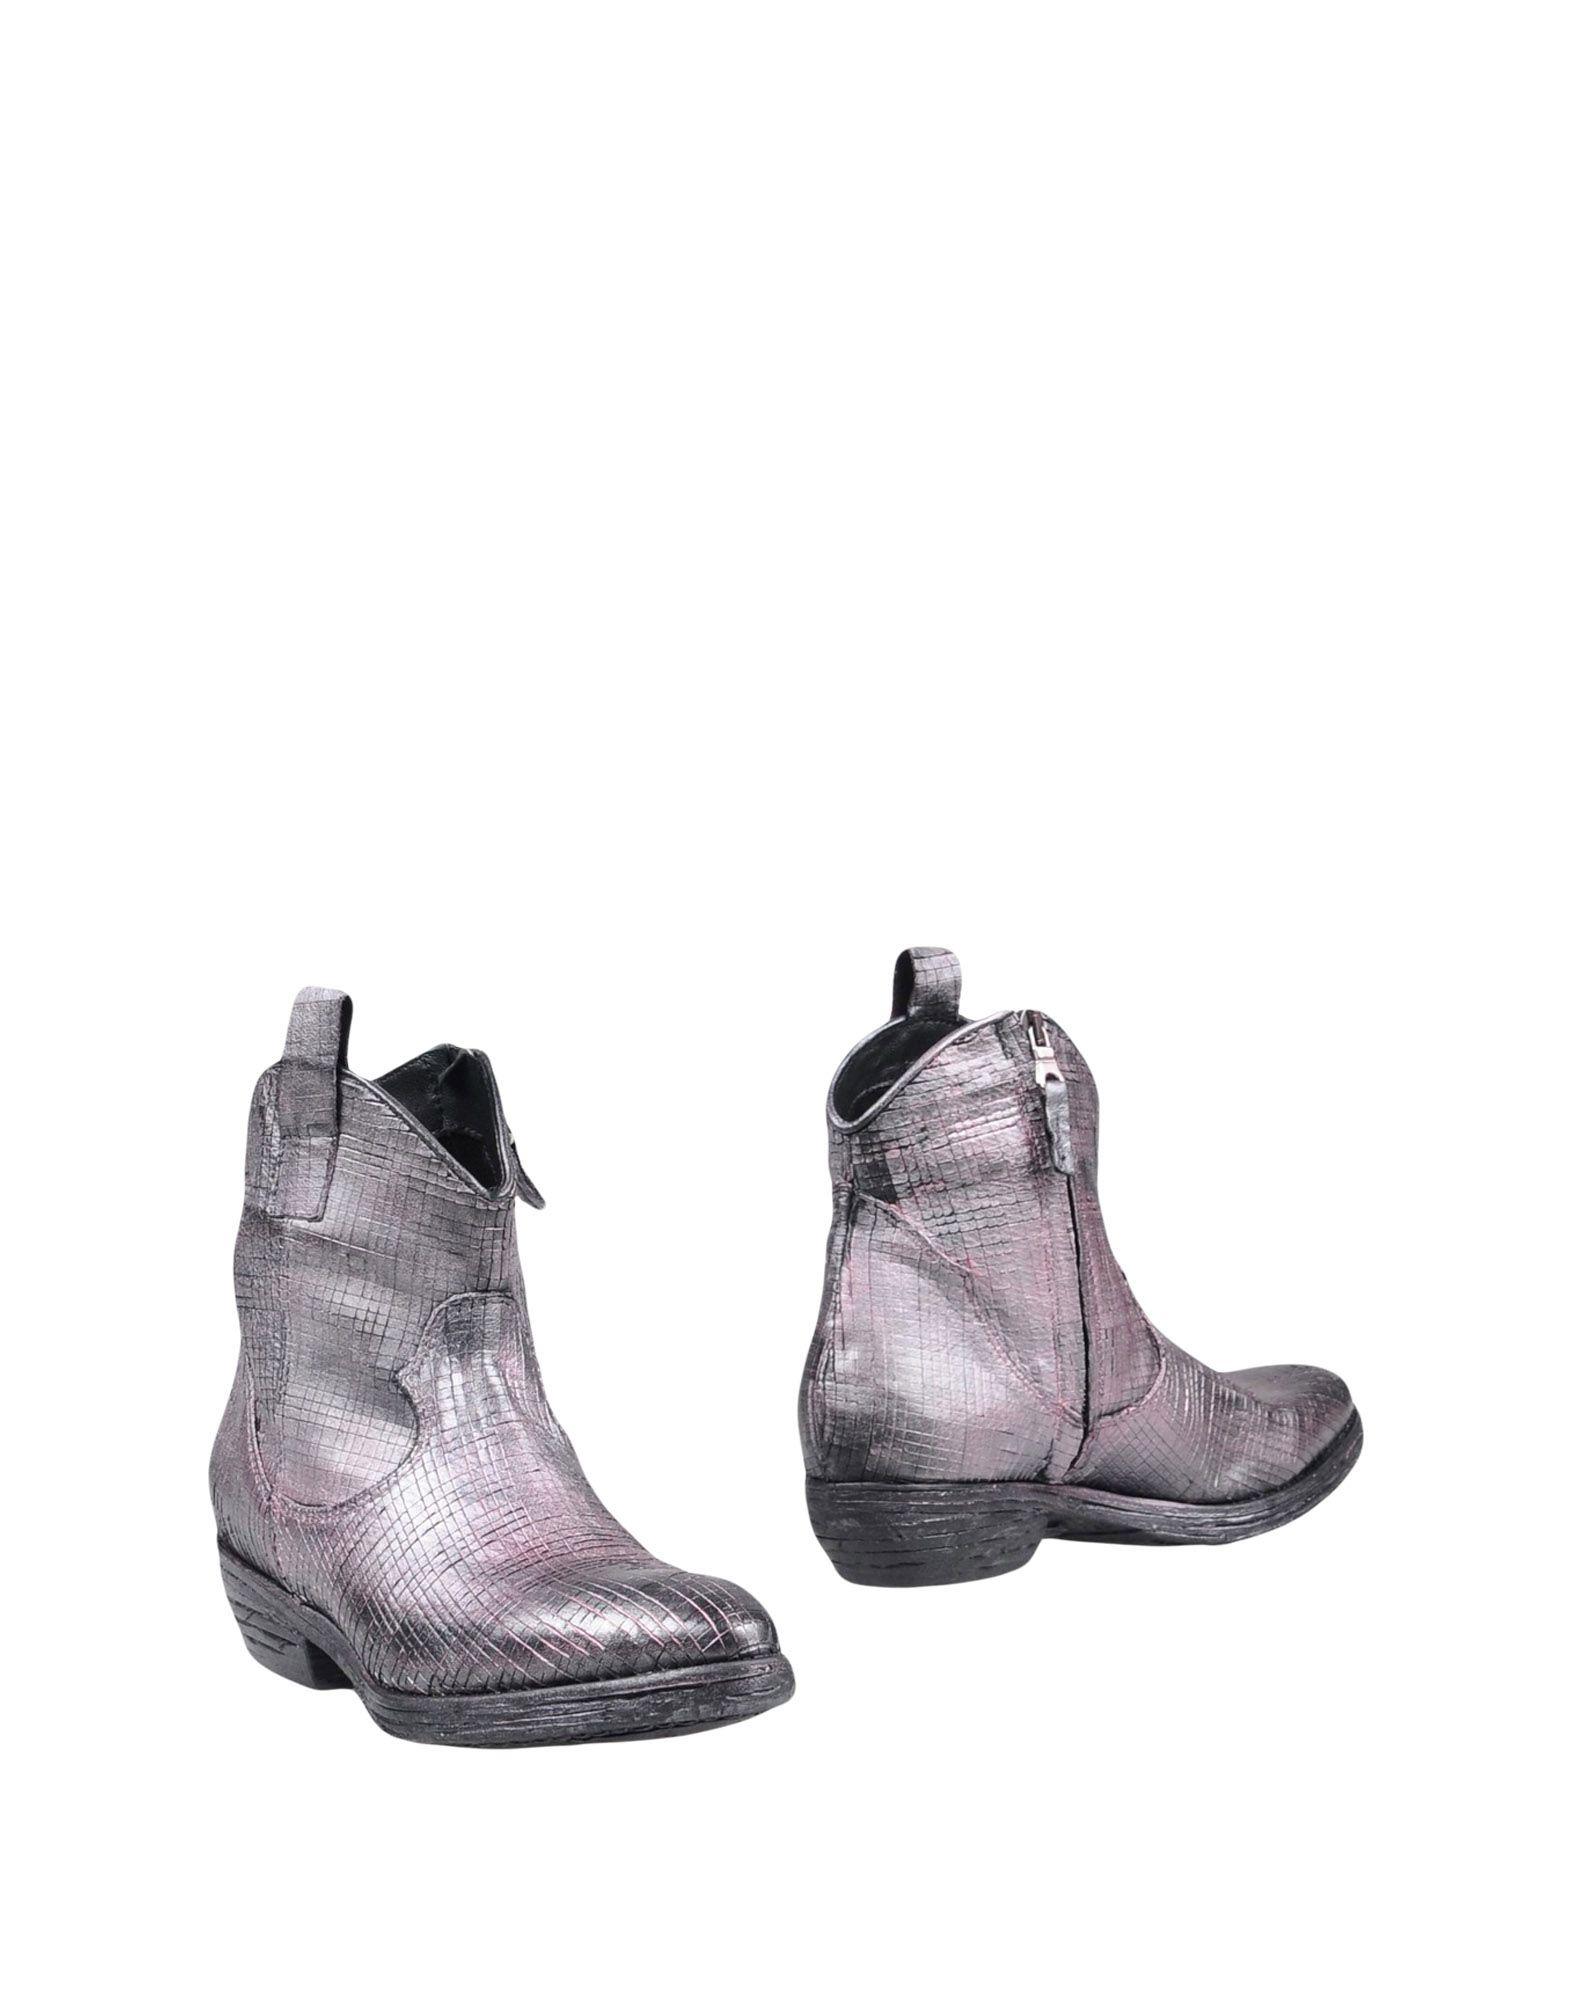 Divine Follie Qualität Stiefelette Damen  11459484FA Gute Qualität Follie beliebte Schuhe bcbb5f